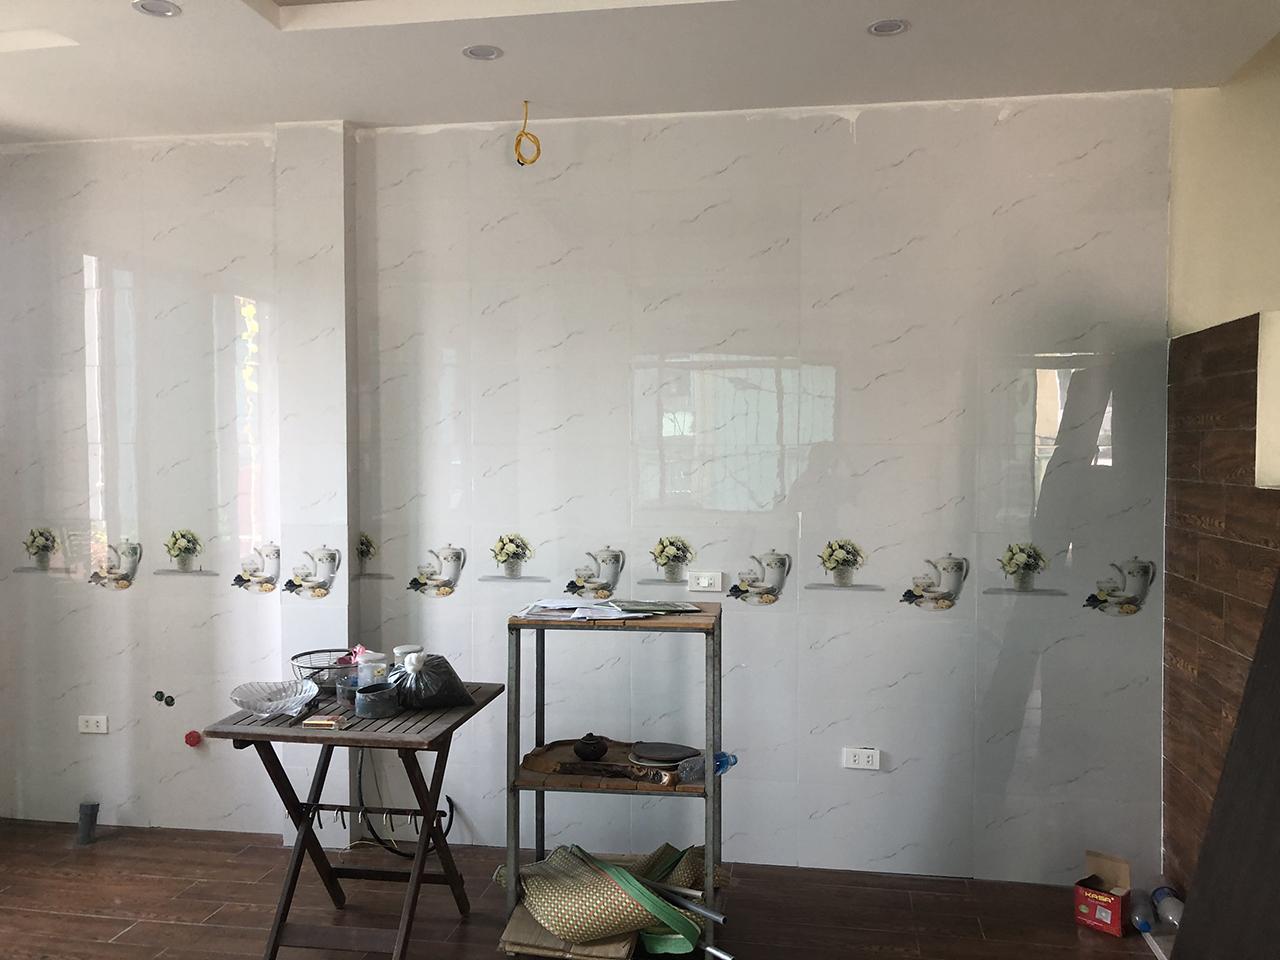 Hiện trạng căn bếp gia đình chị Oanh đã xây bệ bê tông khi ACADO qua khảo sát